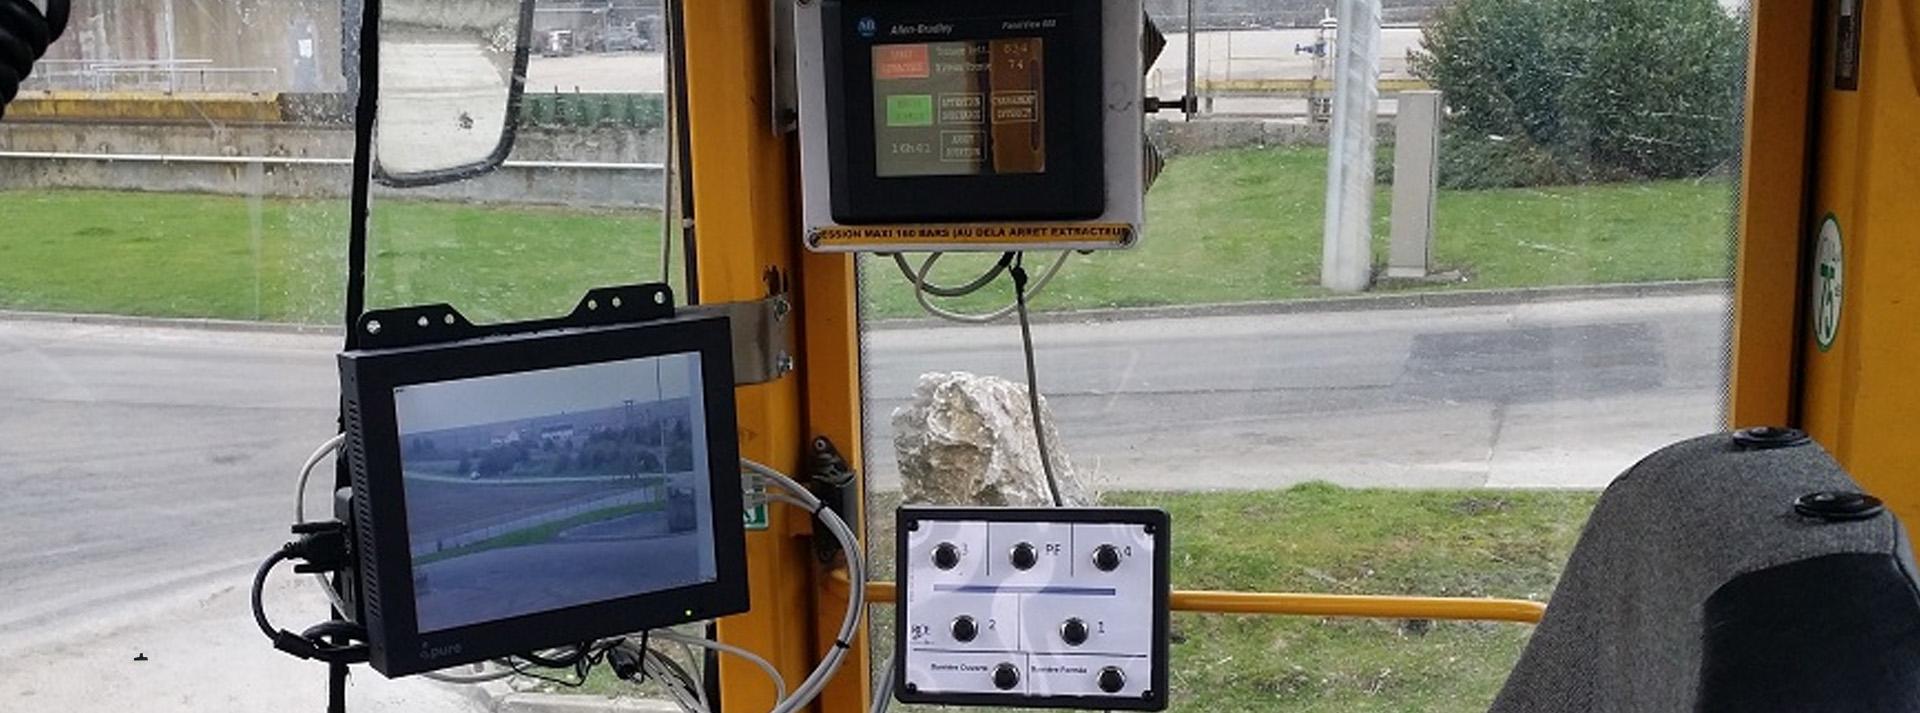 Système de contrôle vidéosurveillance RCE